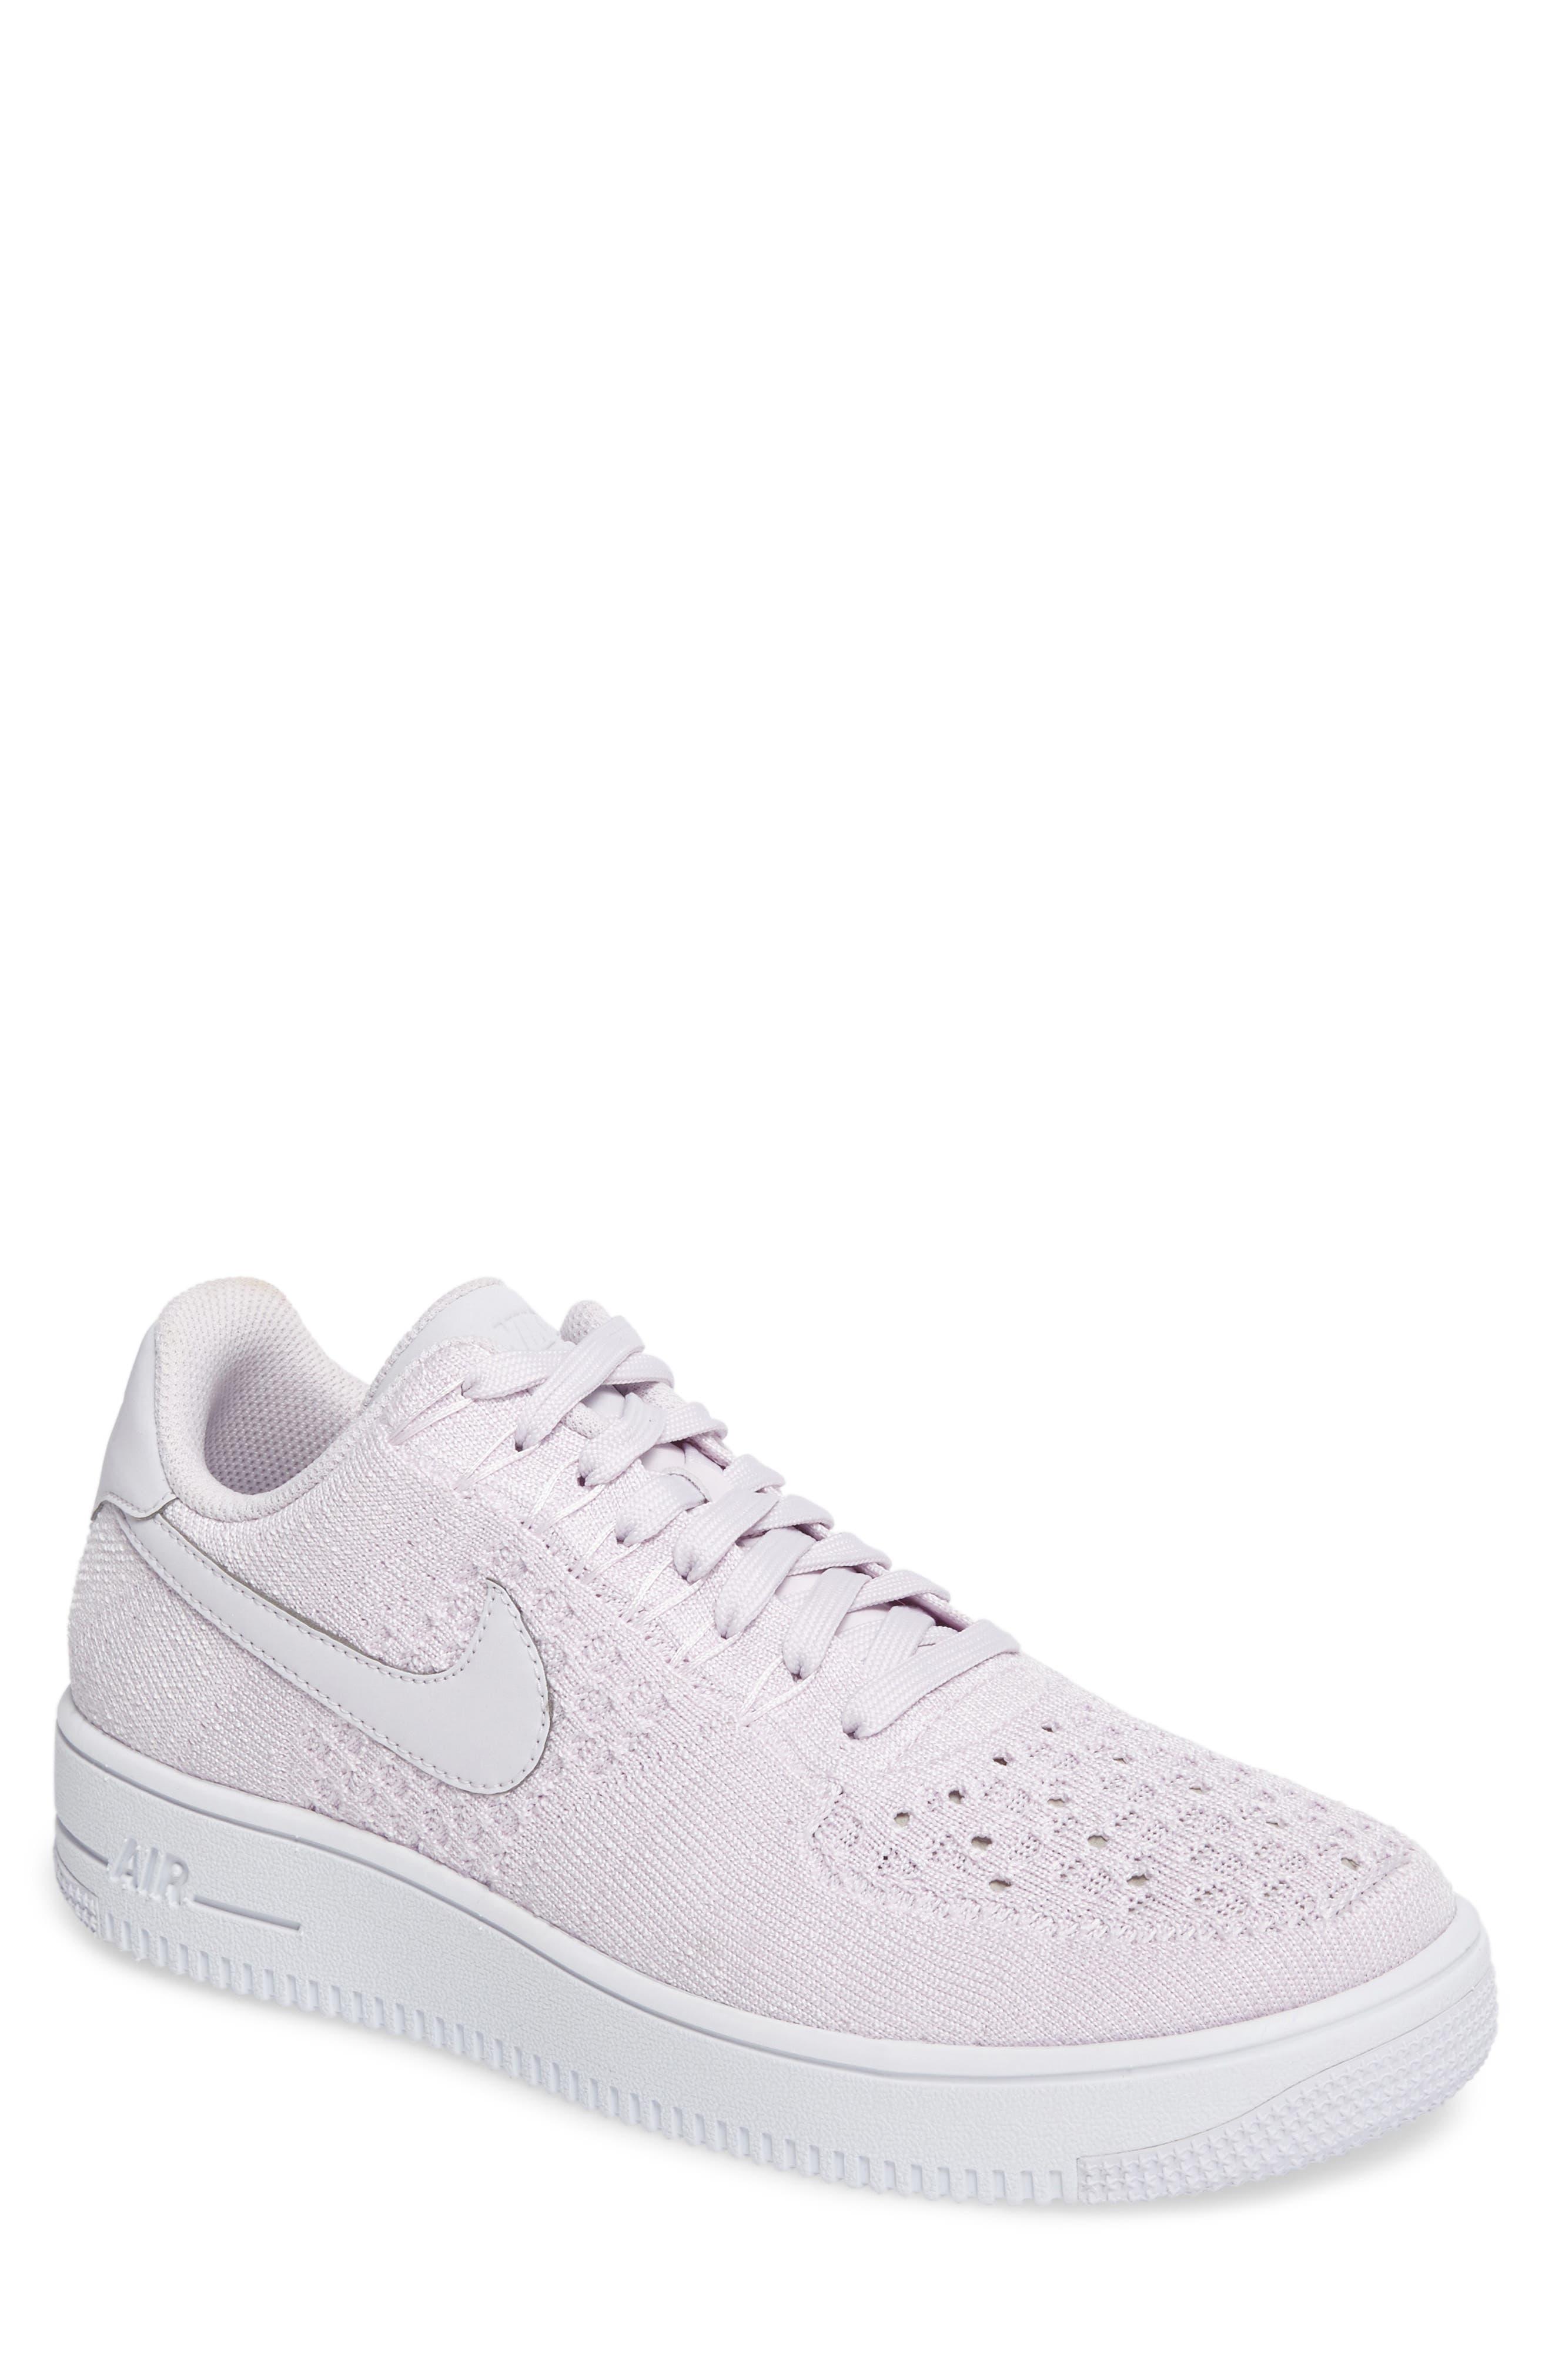 Nike Air Force 1 Ultra Flyknit Low Sneaker (Men)